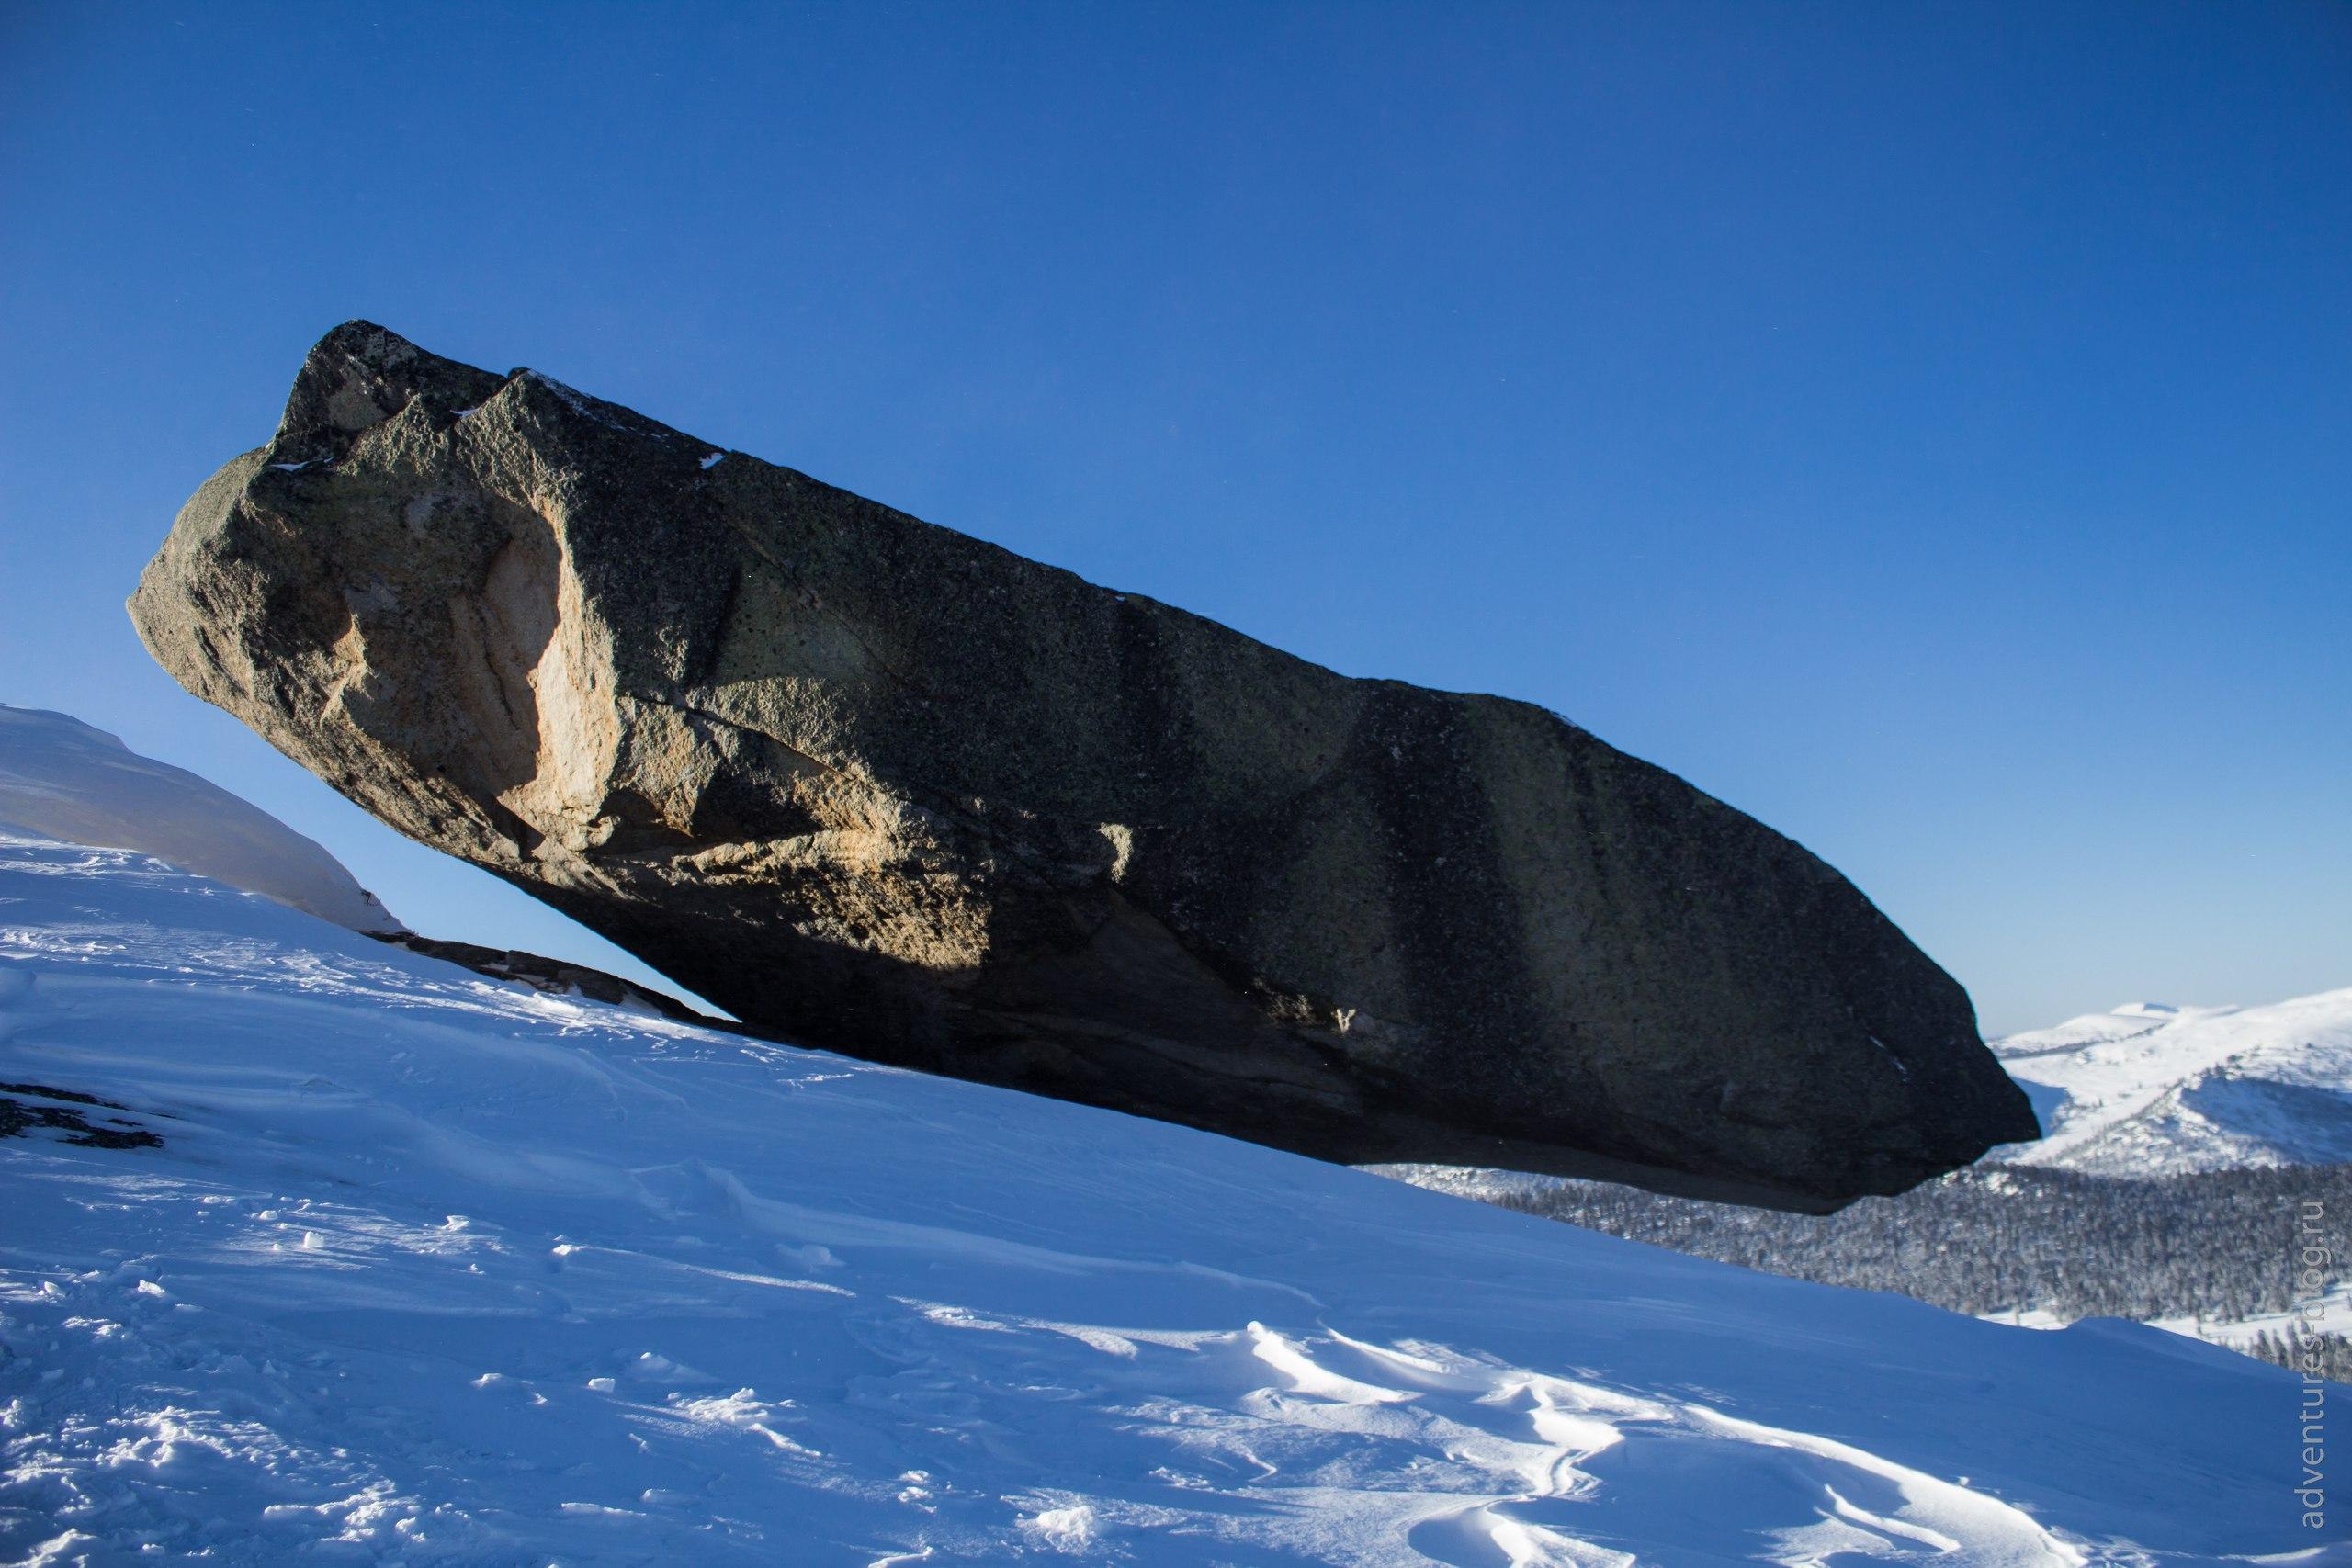 Висячий камень, зима Ерагки